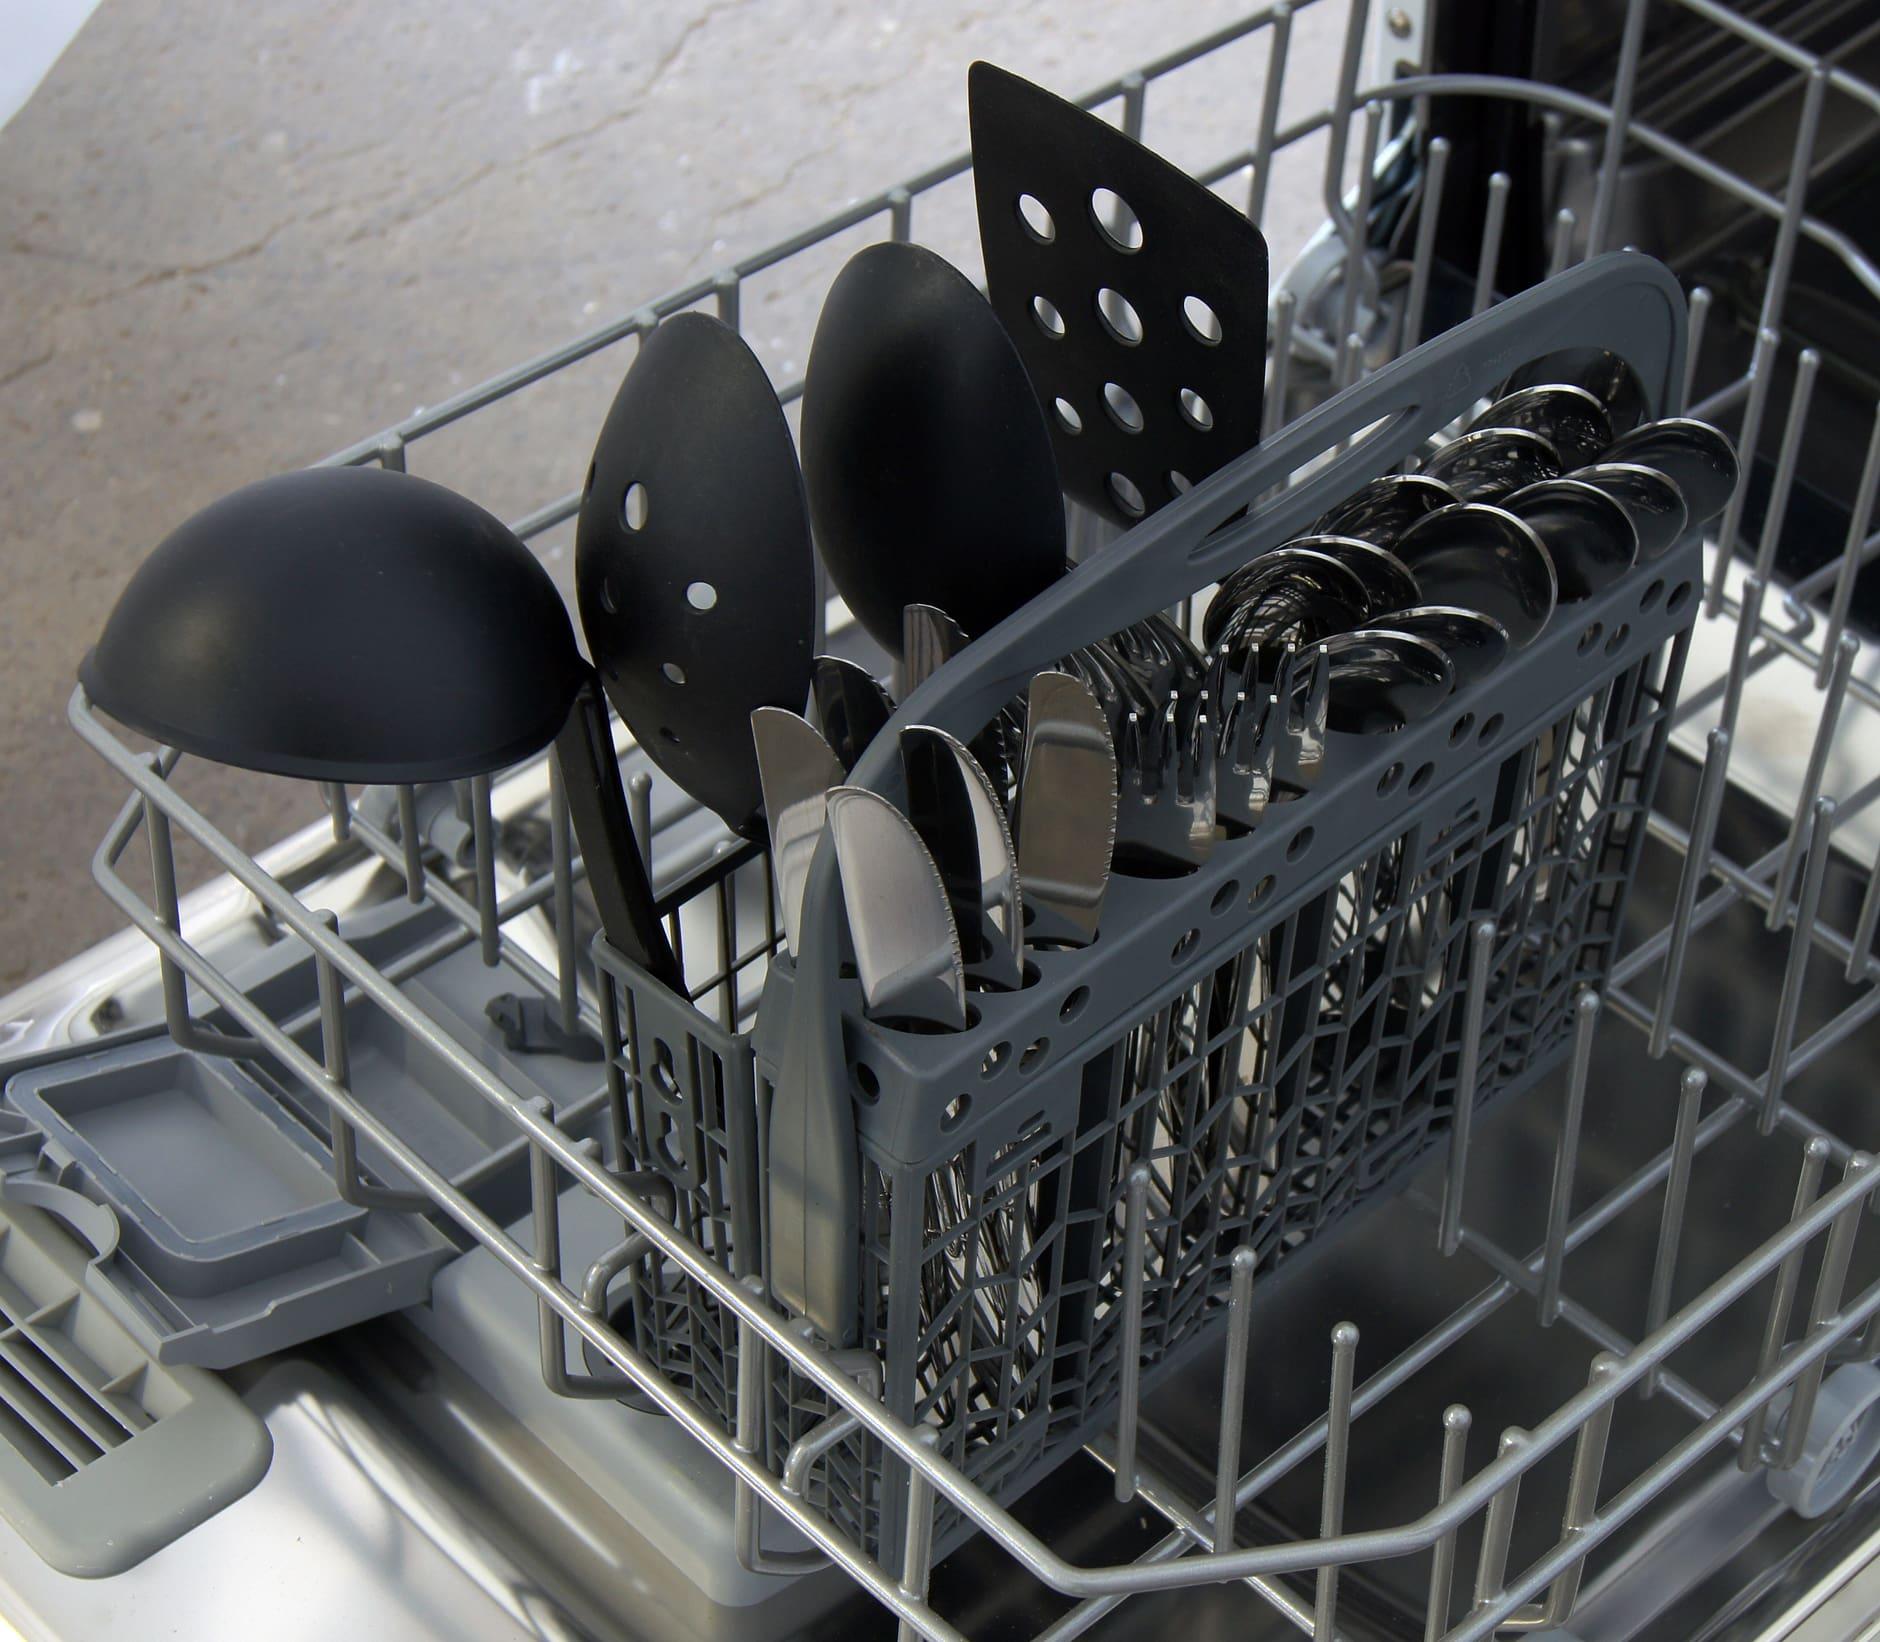 Kenmore 14652 cutlery capacity